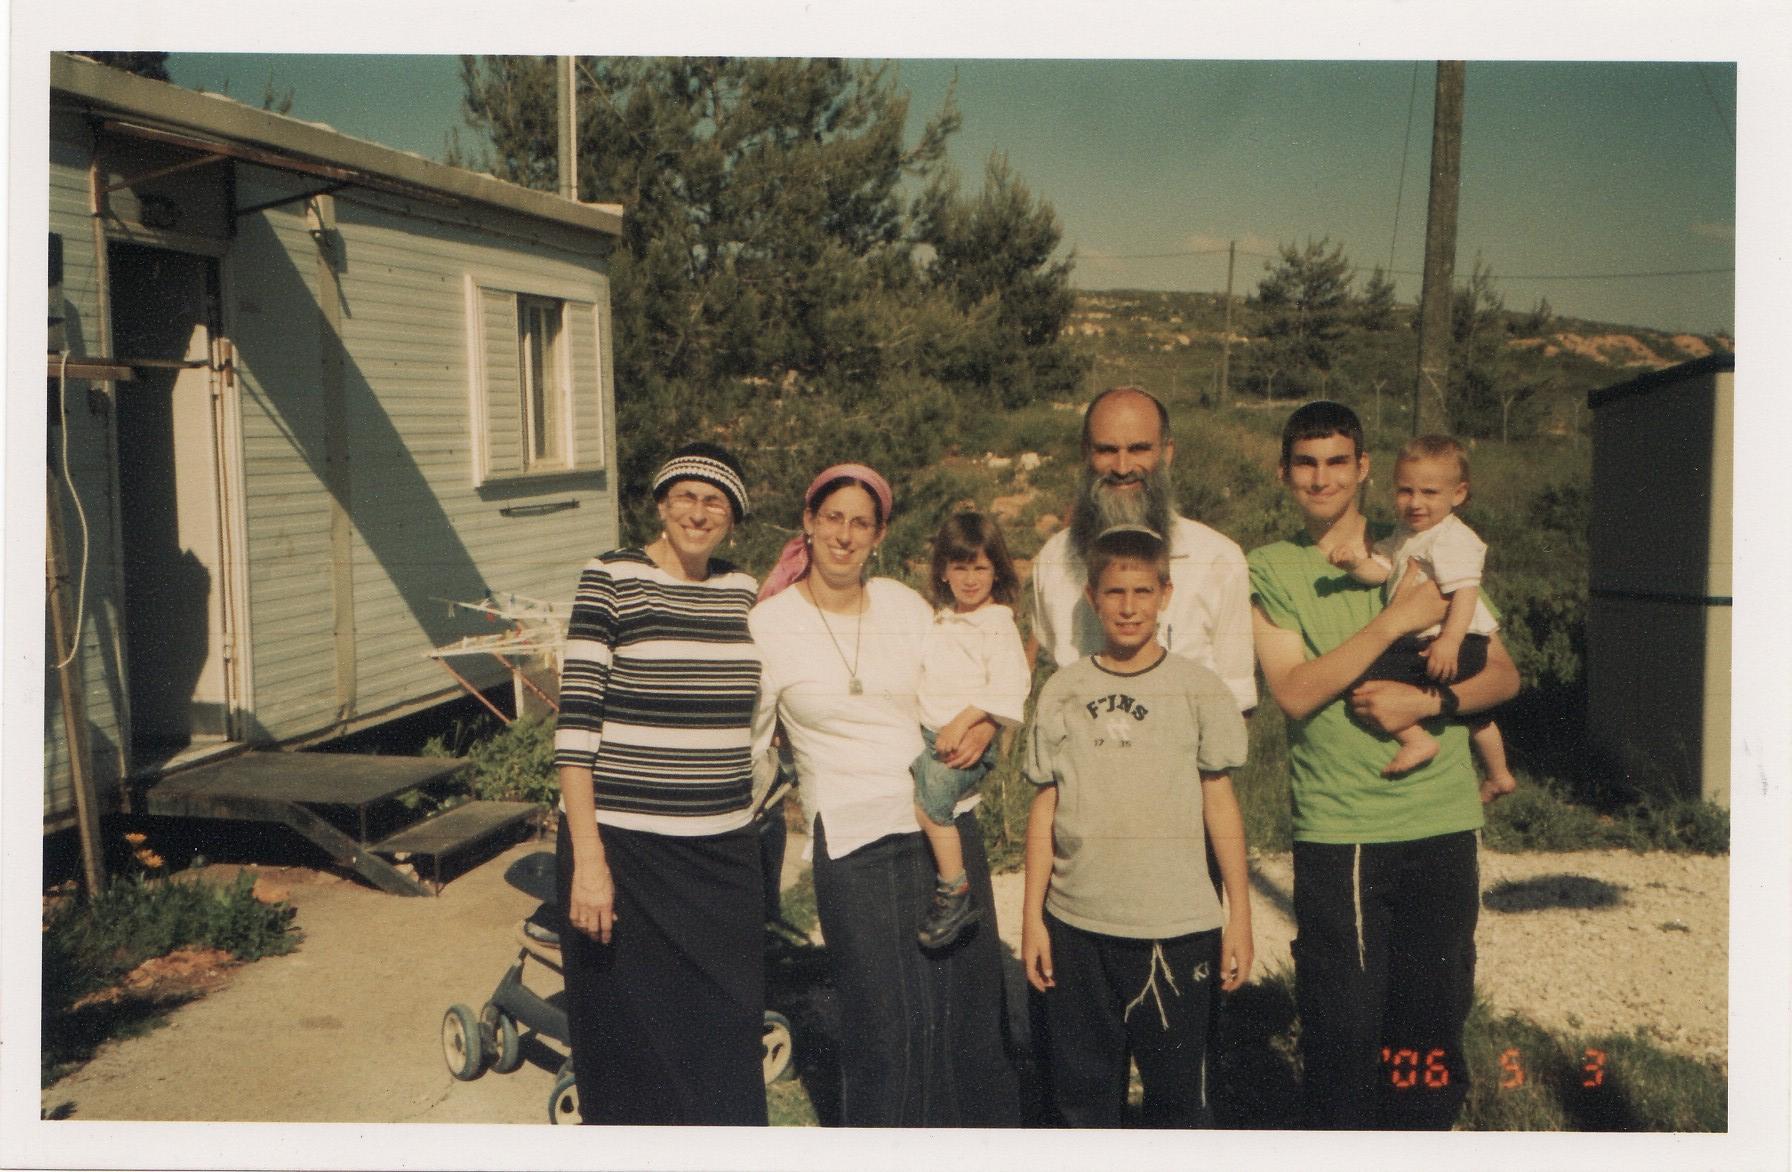 ביקור משפחתי אצל השוורצים בבית אל